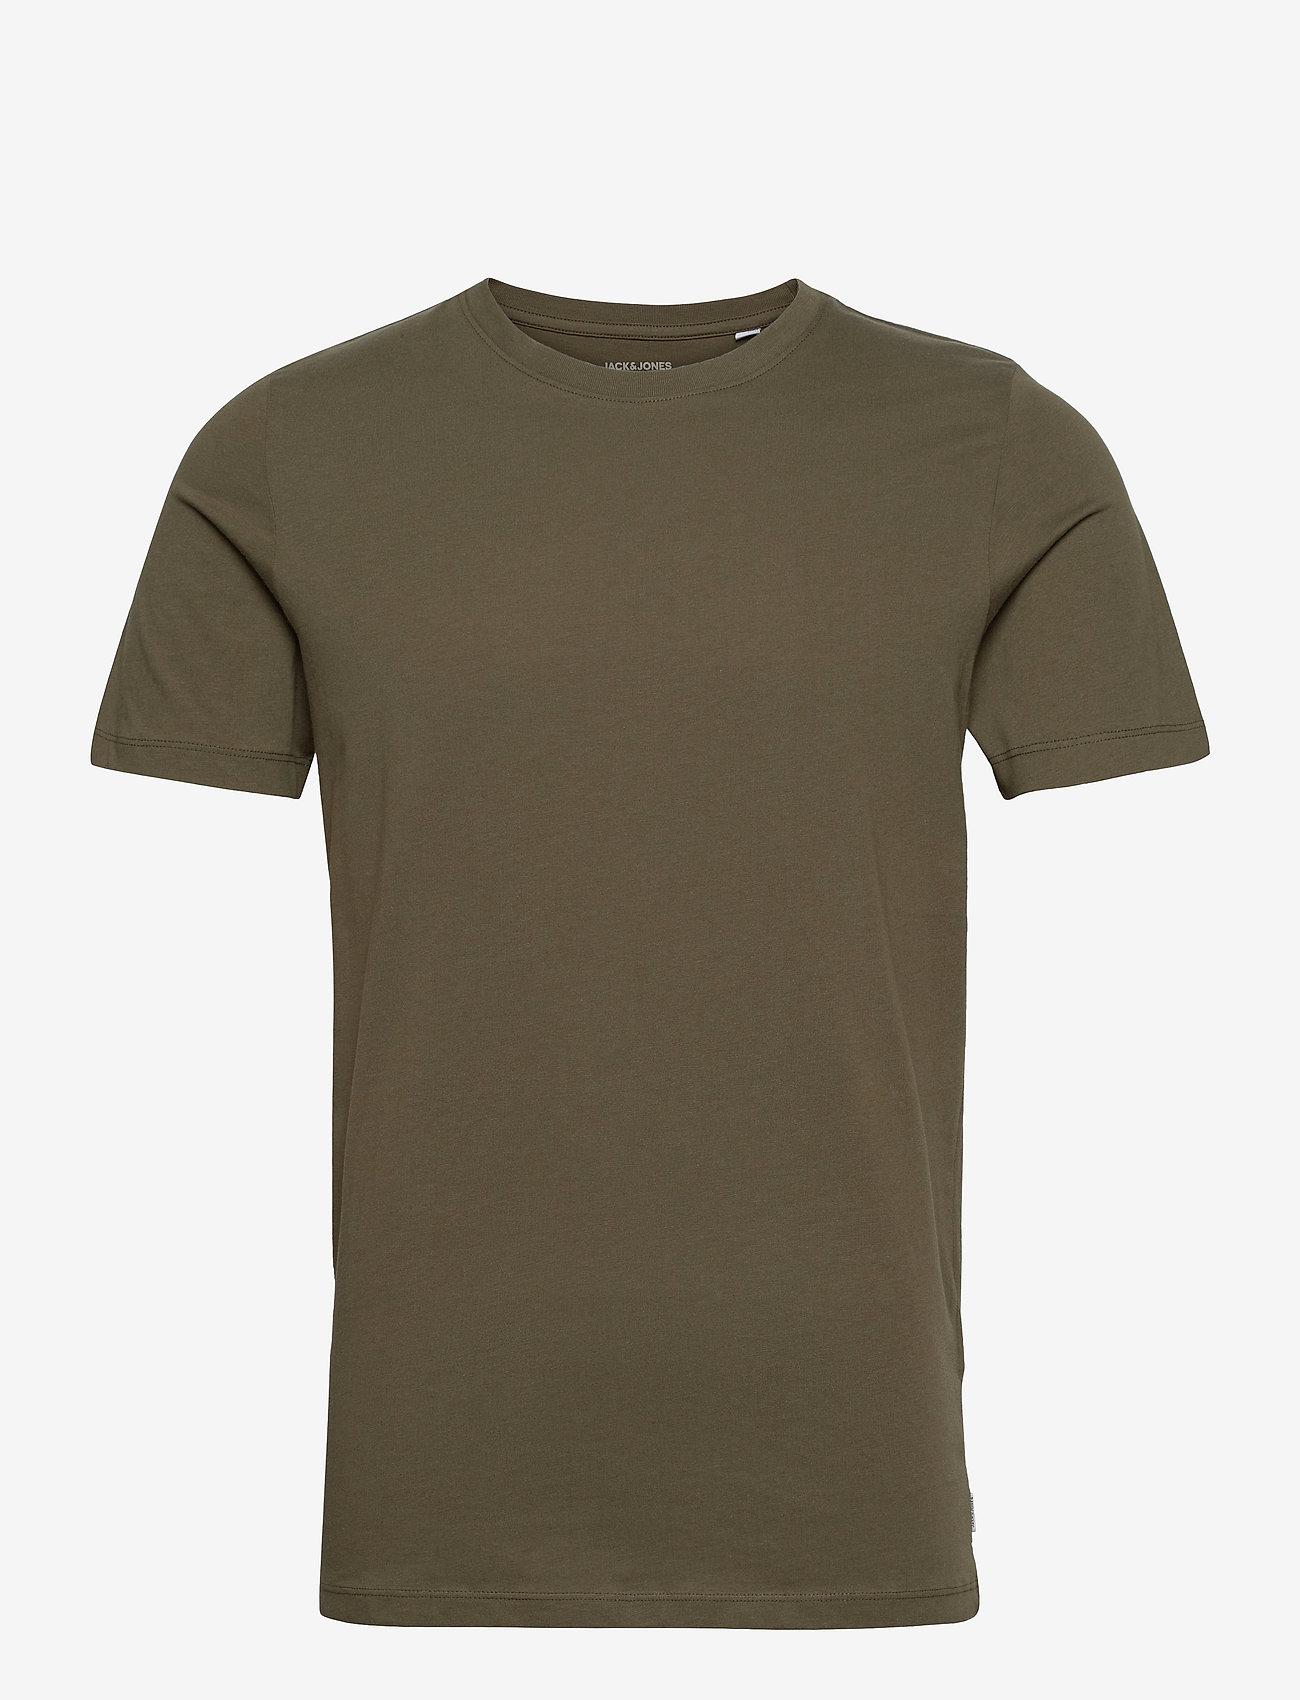 Jack & Jones - JJEORGANIC BASIC TEE SS O-NECK - basic t-shirts - olive night - 0